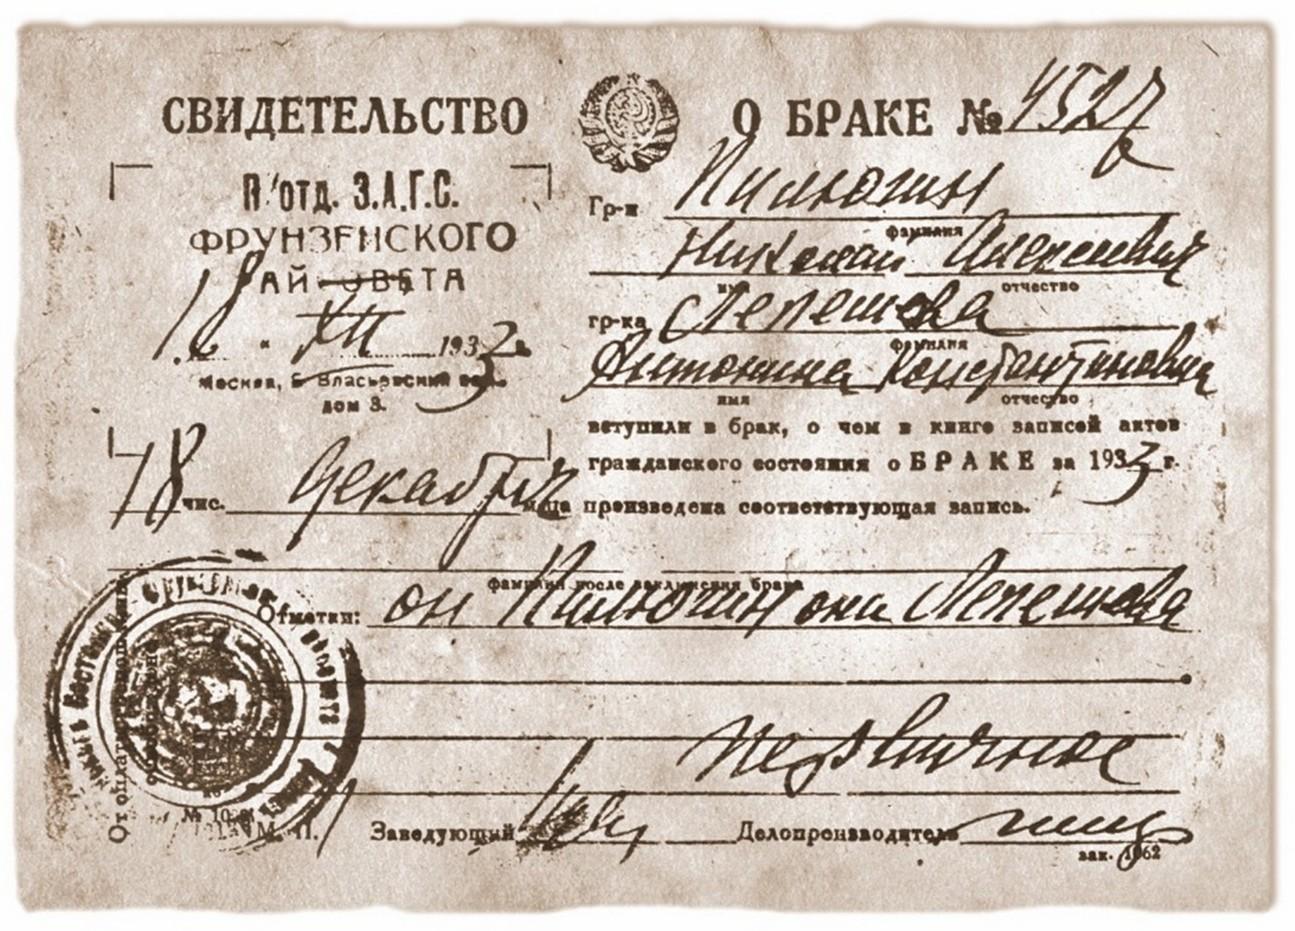 Свидетельство о браке Пилюгина Н.А. и Лепешовой А.К.